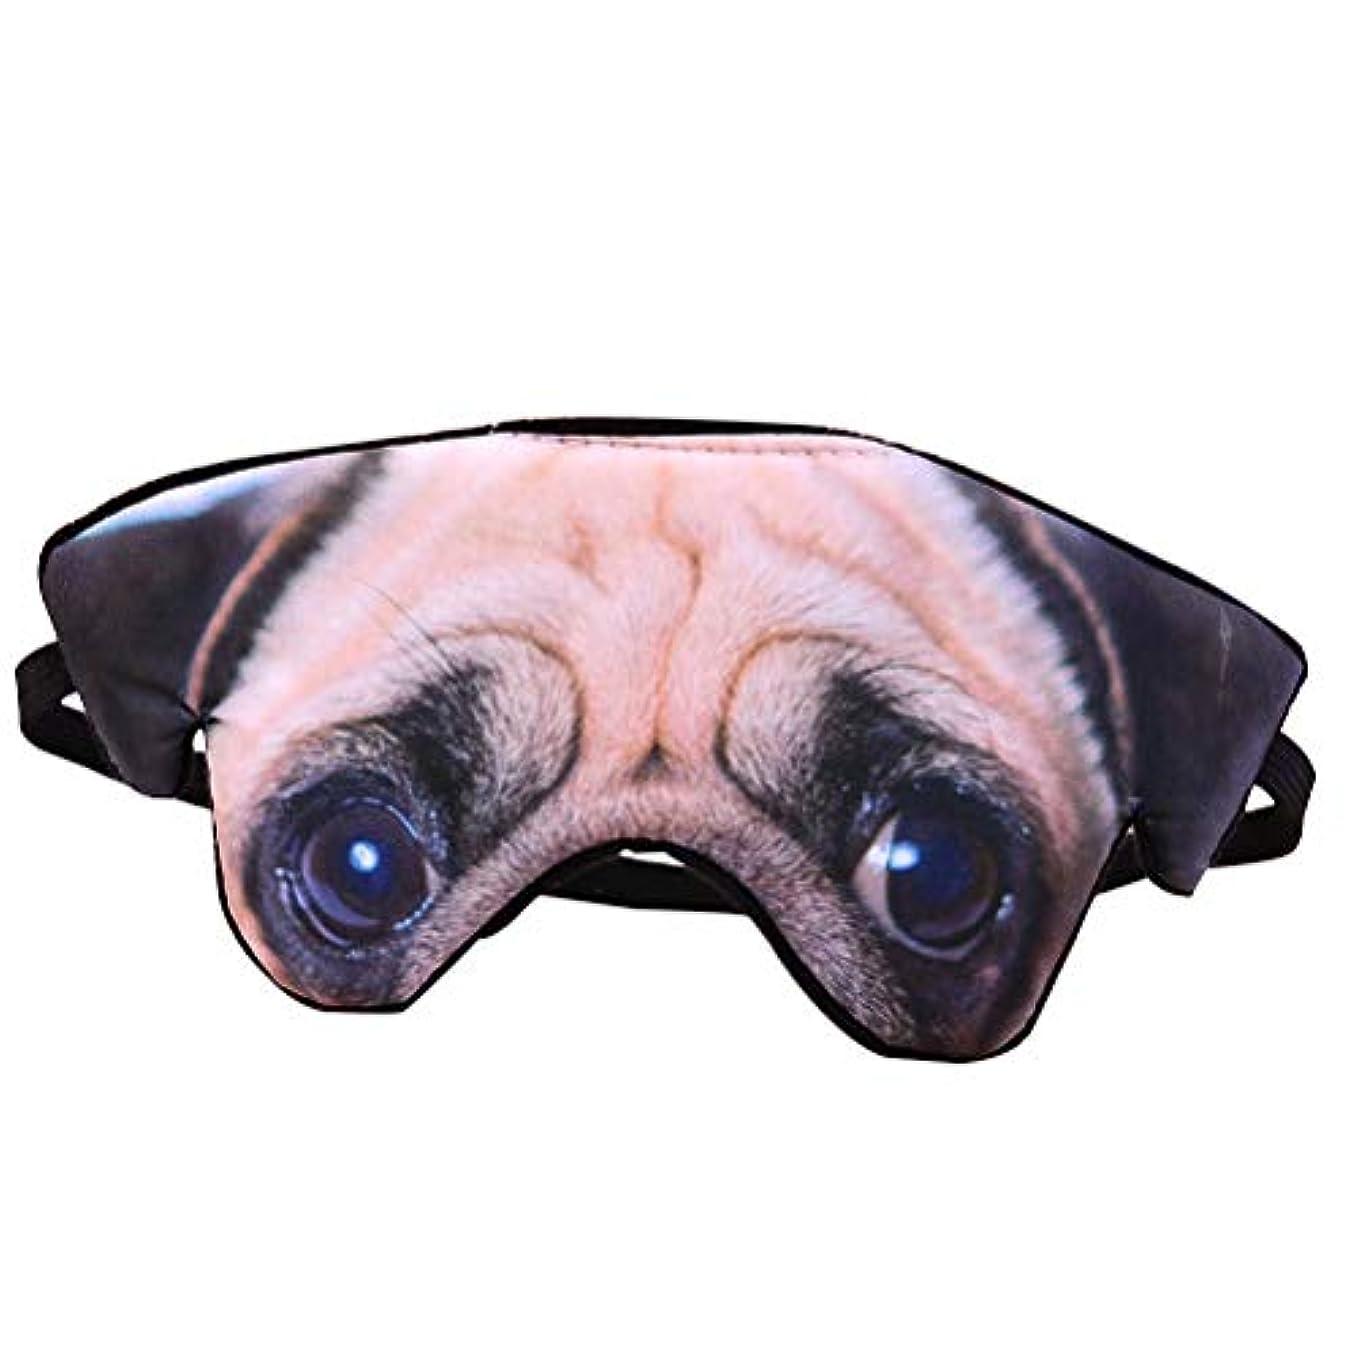 スポーツ欲望ドキドキHEALIFTY 睡眠目隠し3D犬のパターンアイマスクファニーシェードナップカバー目隠し睡眠マスク目の眠りゴーグル(Pug)